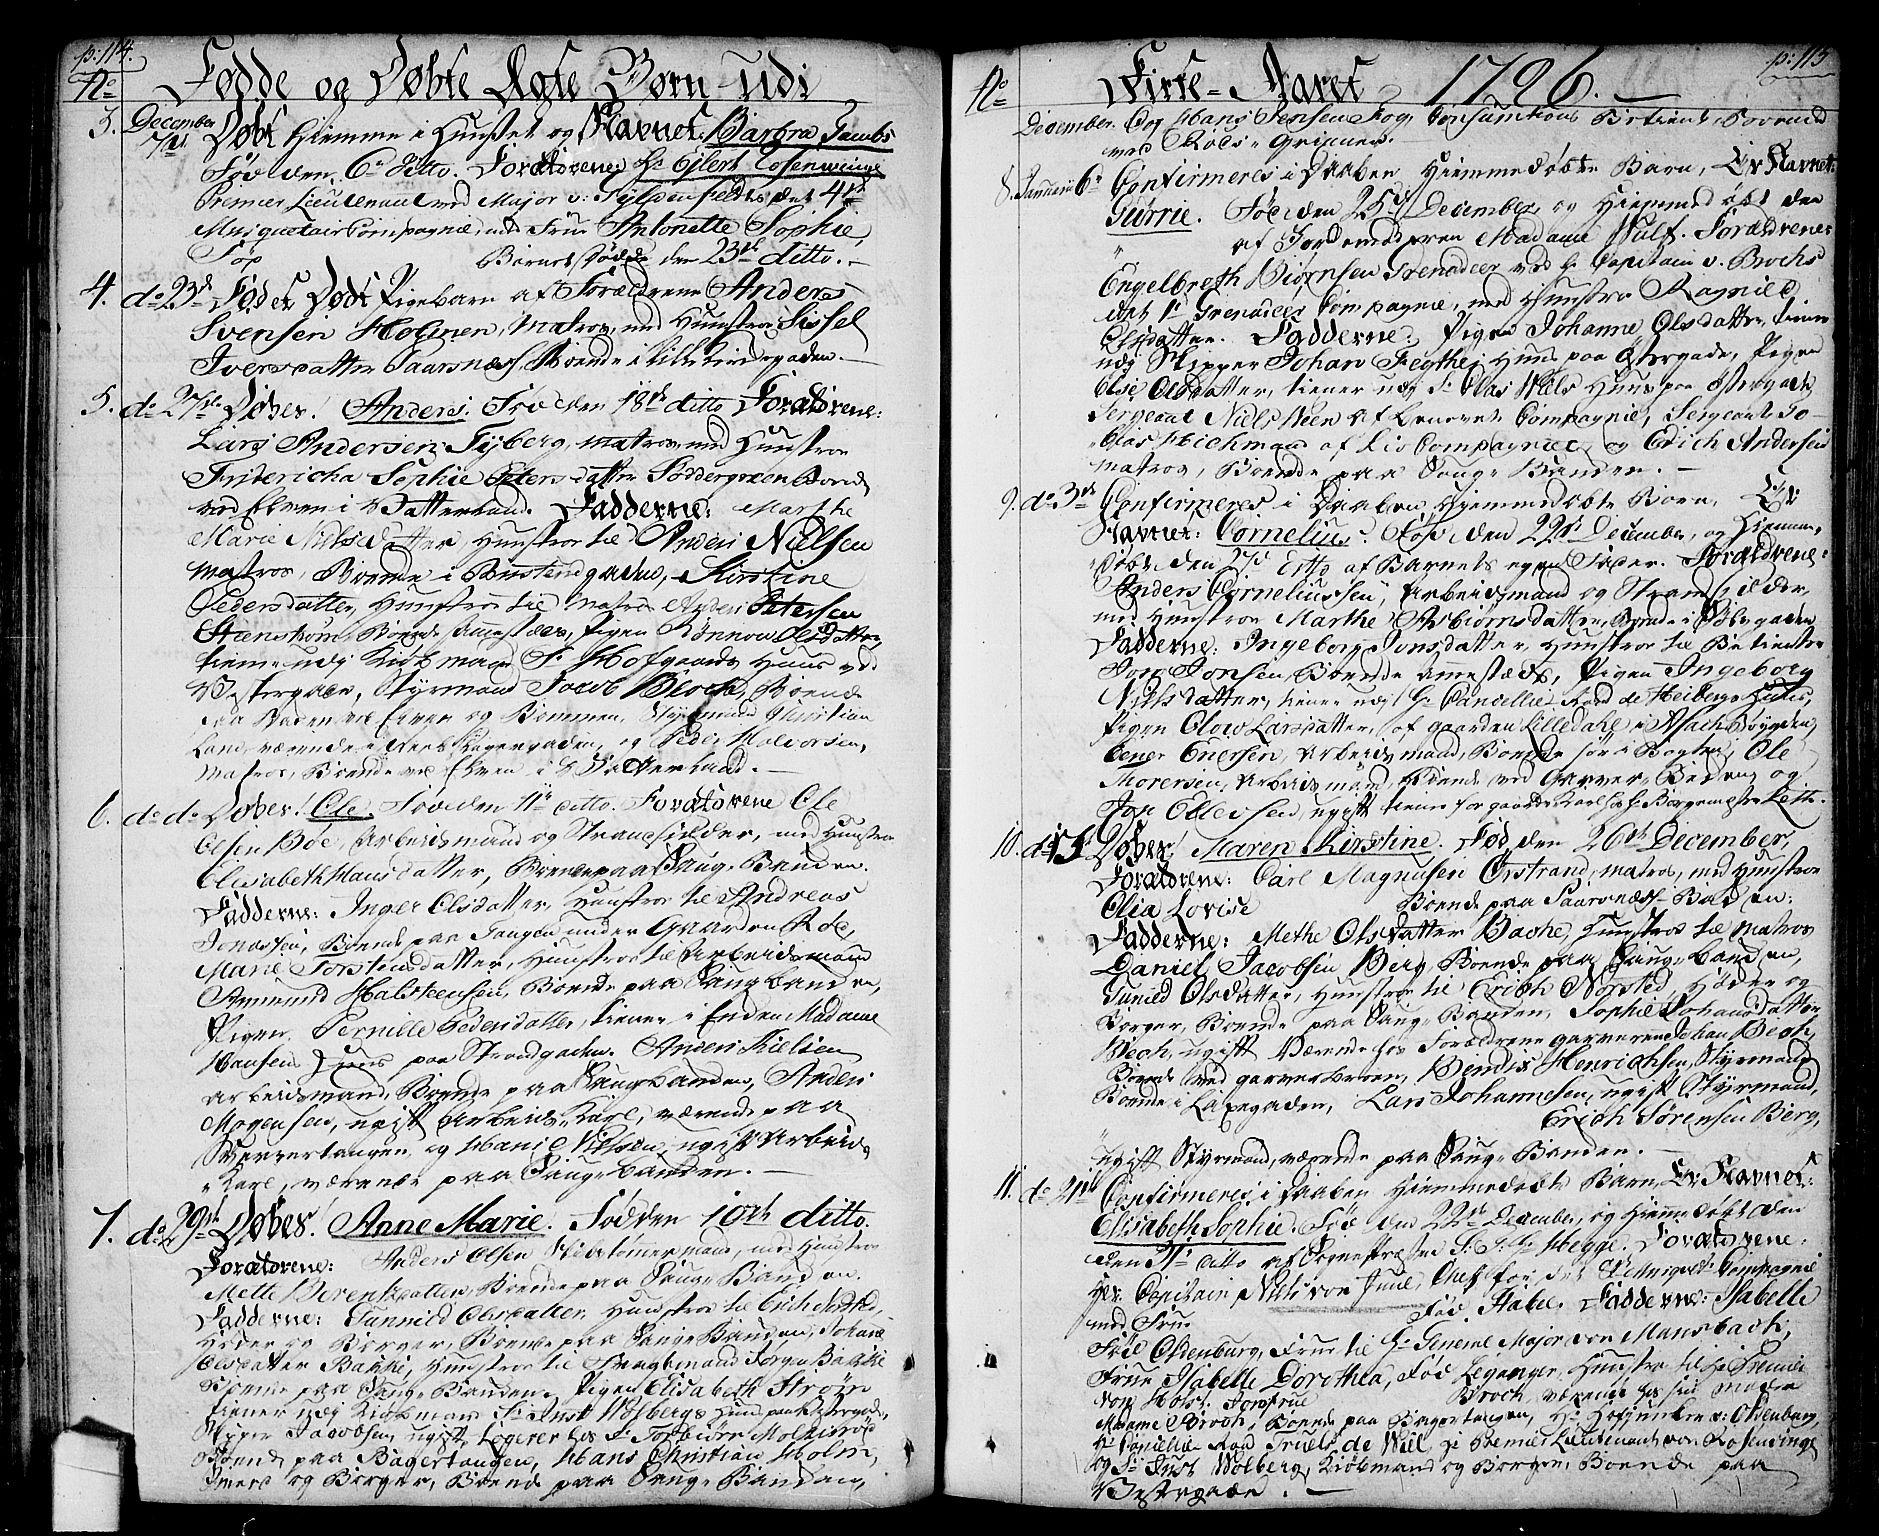 SAO, Halden prestekontor Kirkebøker, F/Fa/L0002: Ministerialbok nr. I 2, 1792-1812, s. 114-115